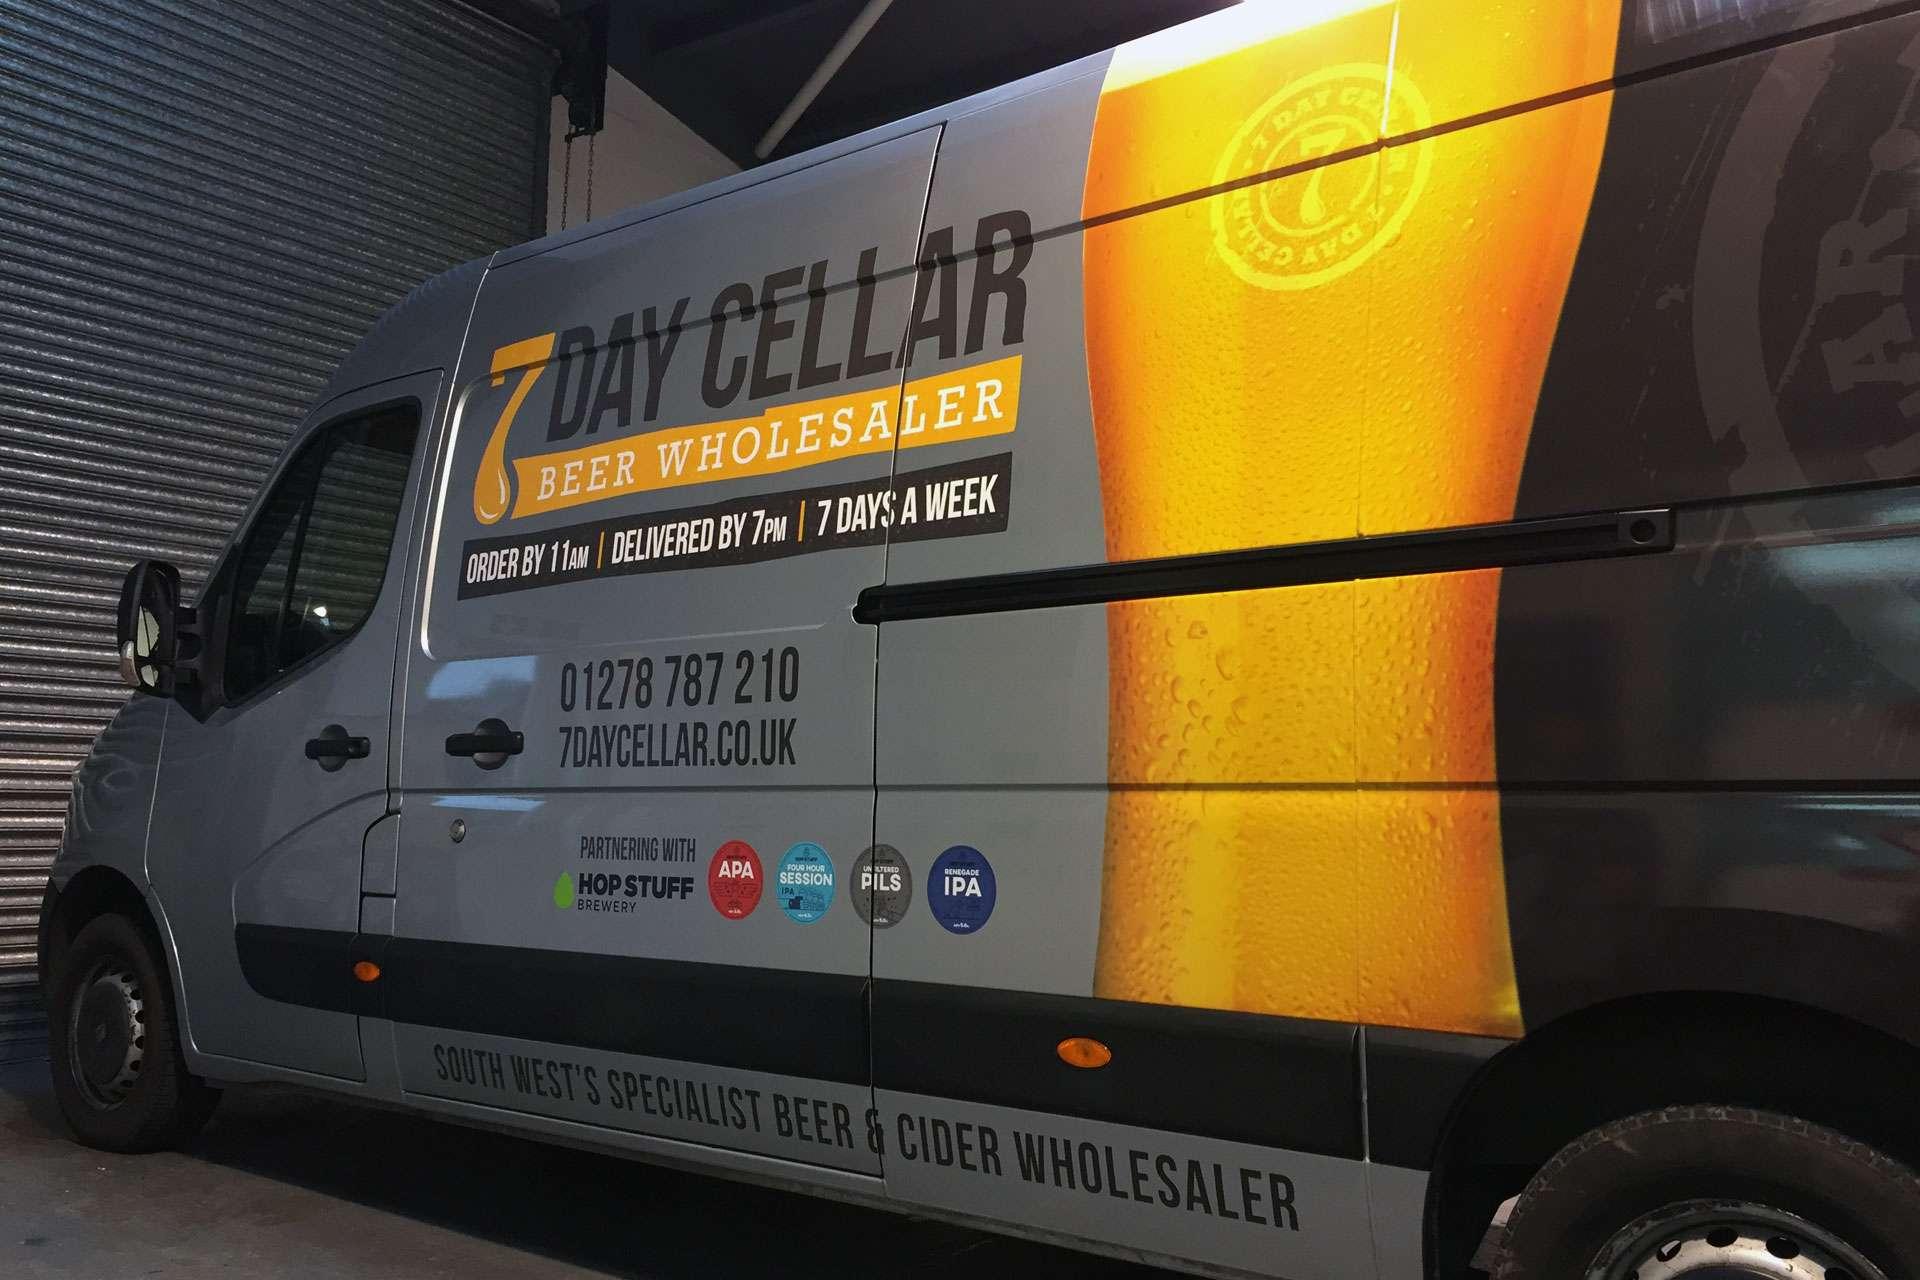 7 Day Cellar vehicle livery design, Highbridge, Somerset Branding